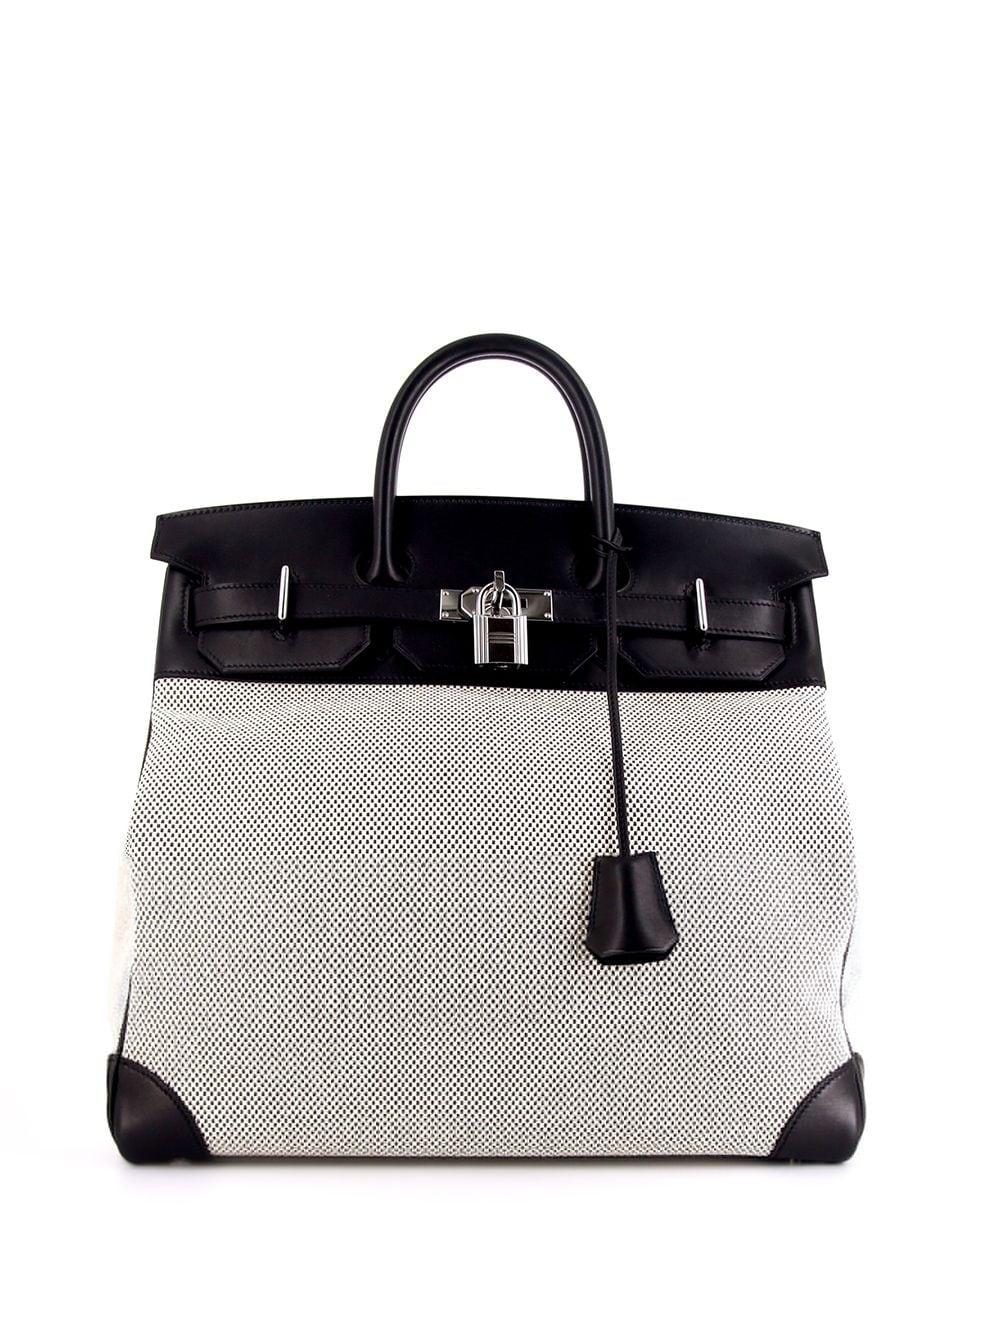 Hermès 2016 pre-owned Haut à Courroies Reisetasche - BLACK